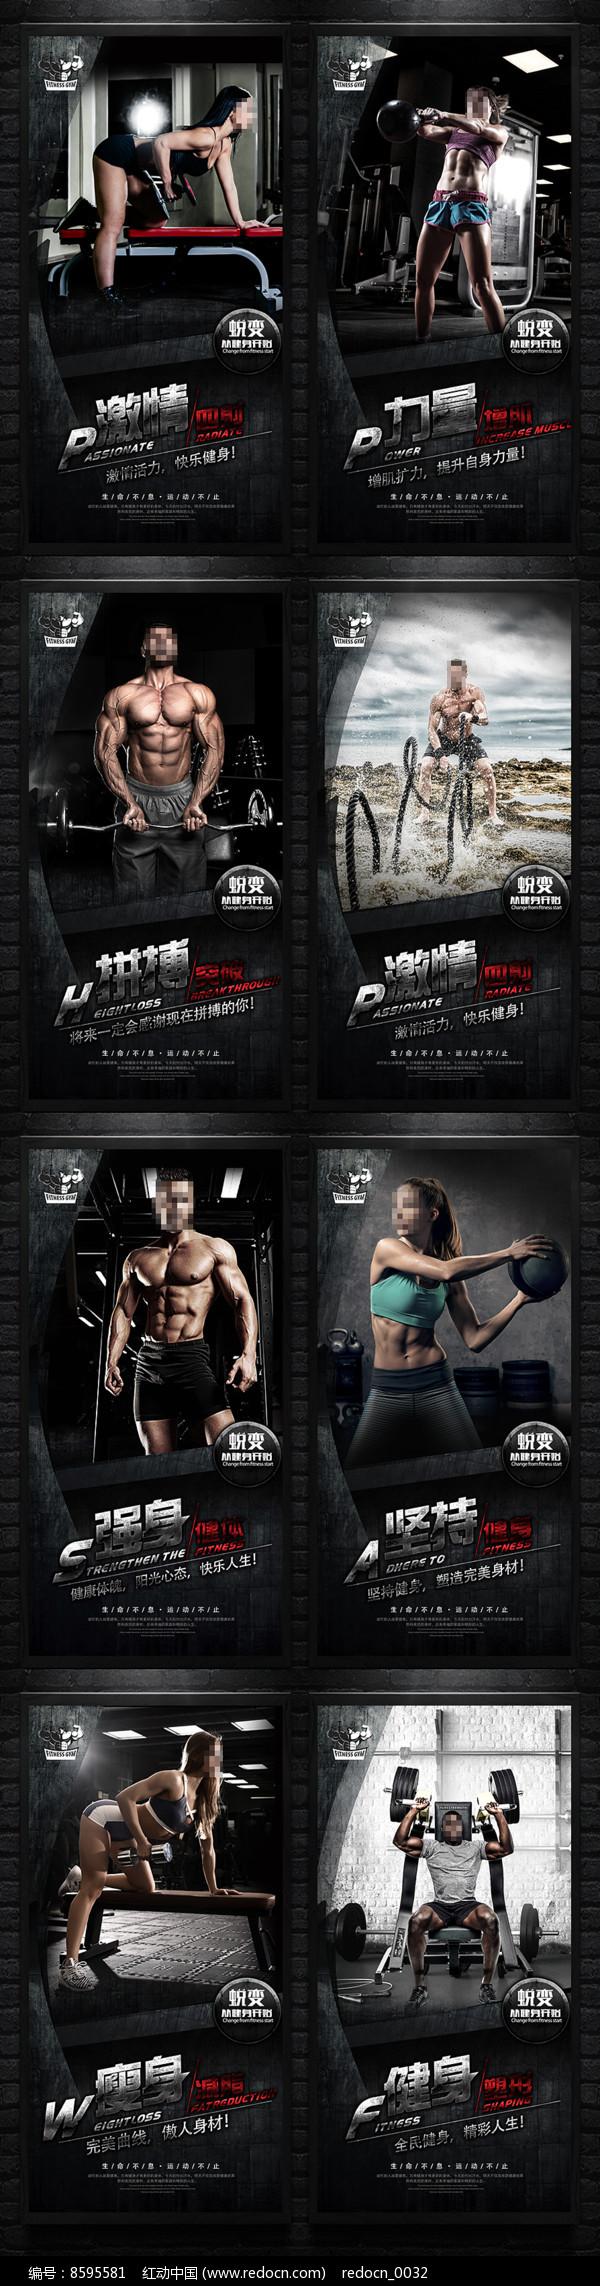 完美塑形健身减肥海报图片